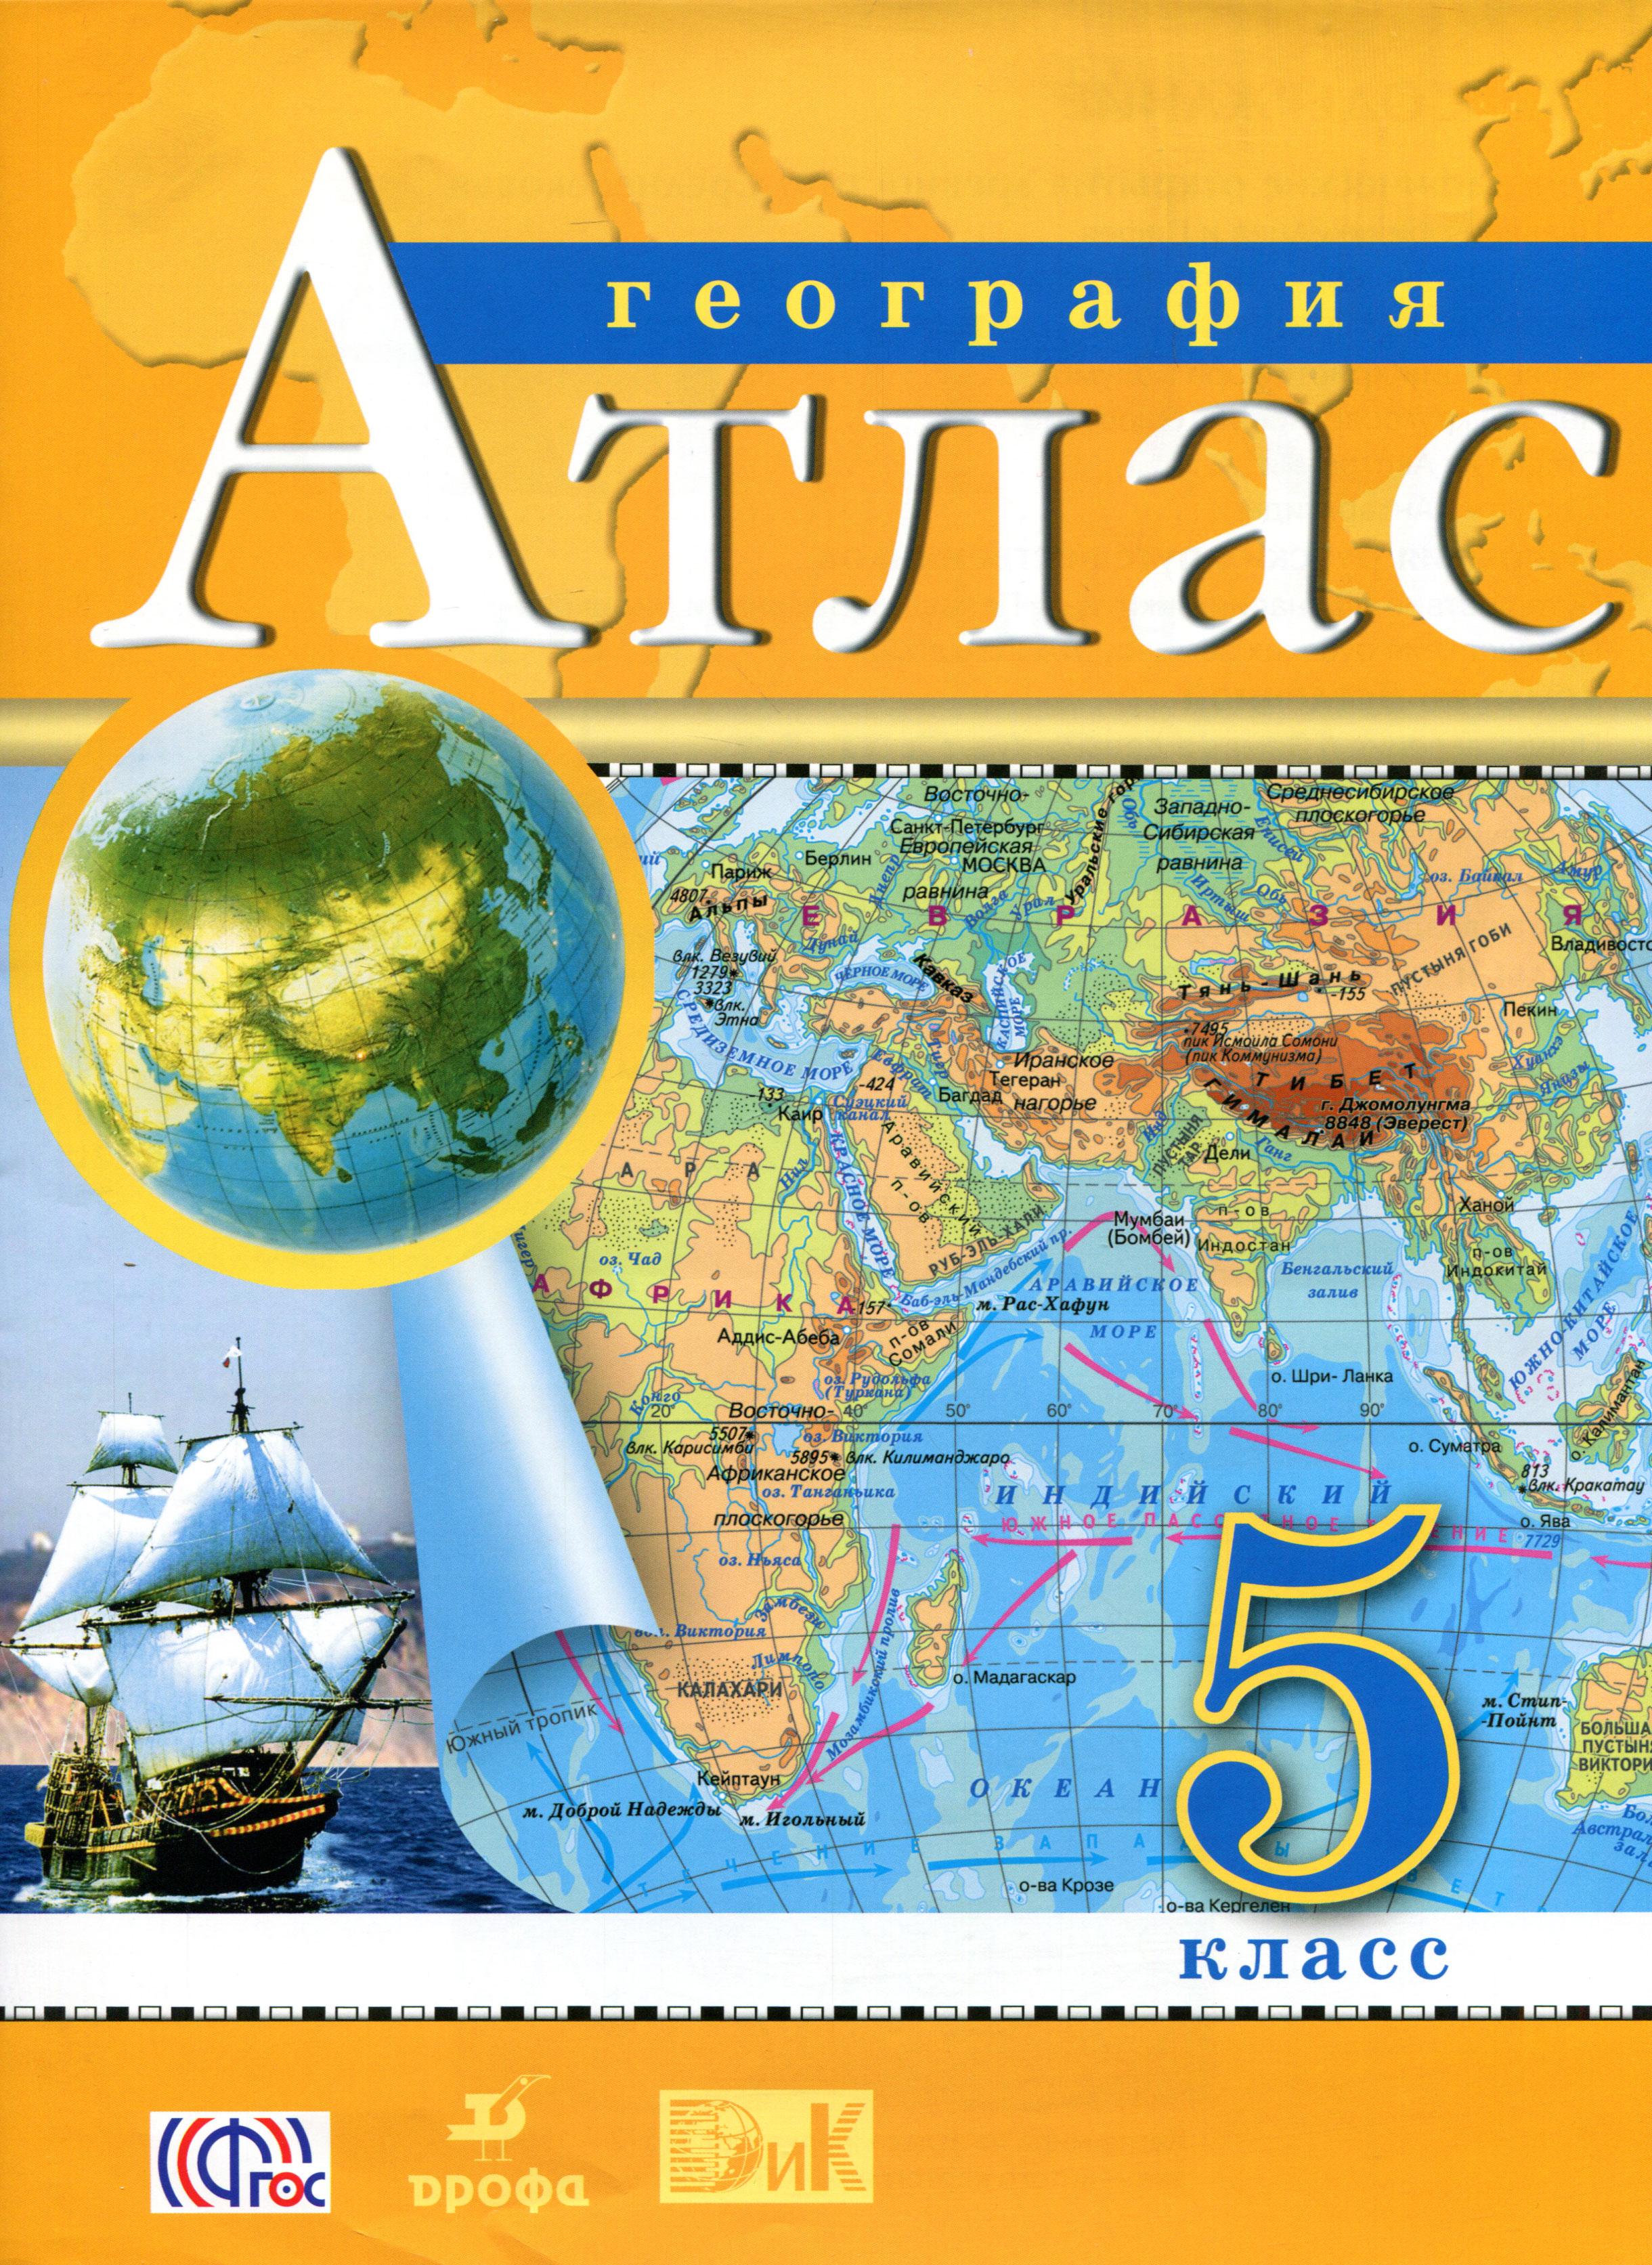 Название книги: контурные карты с заданиями начальный курс географии 6 класс